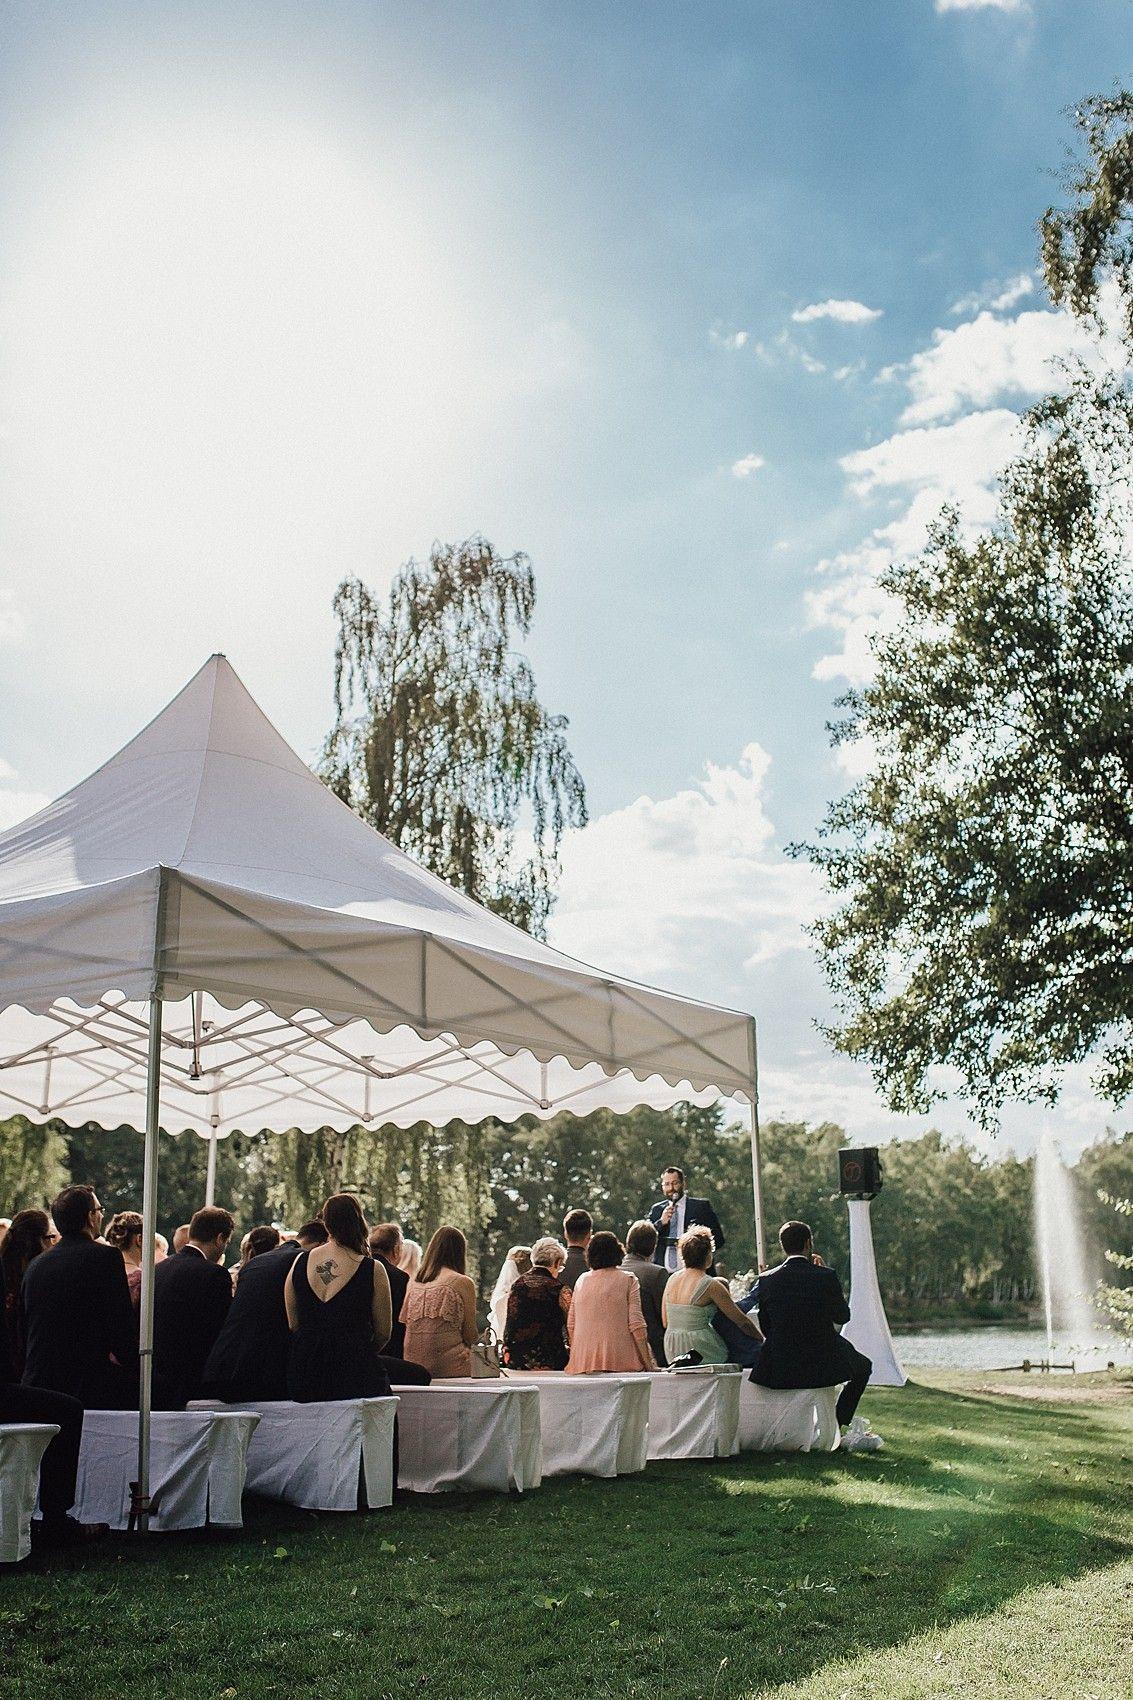 Larissasydekumphotography Strandhochzeit Am Springhorstsee Hochzeitslocation Hannover Springhorstsee Fr Hochzeit Im Freien Strandhochzeit Hochzeit